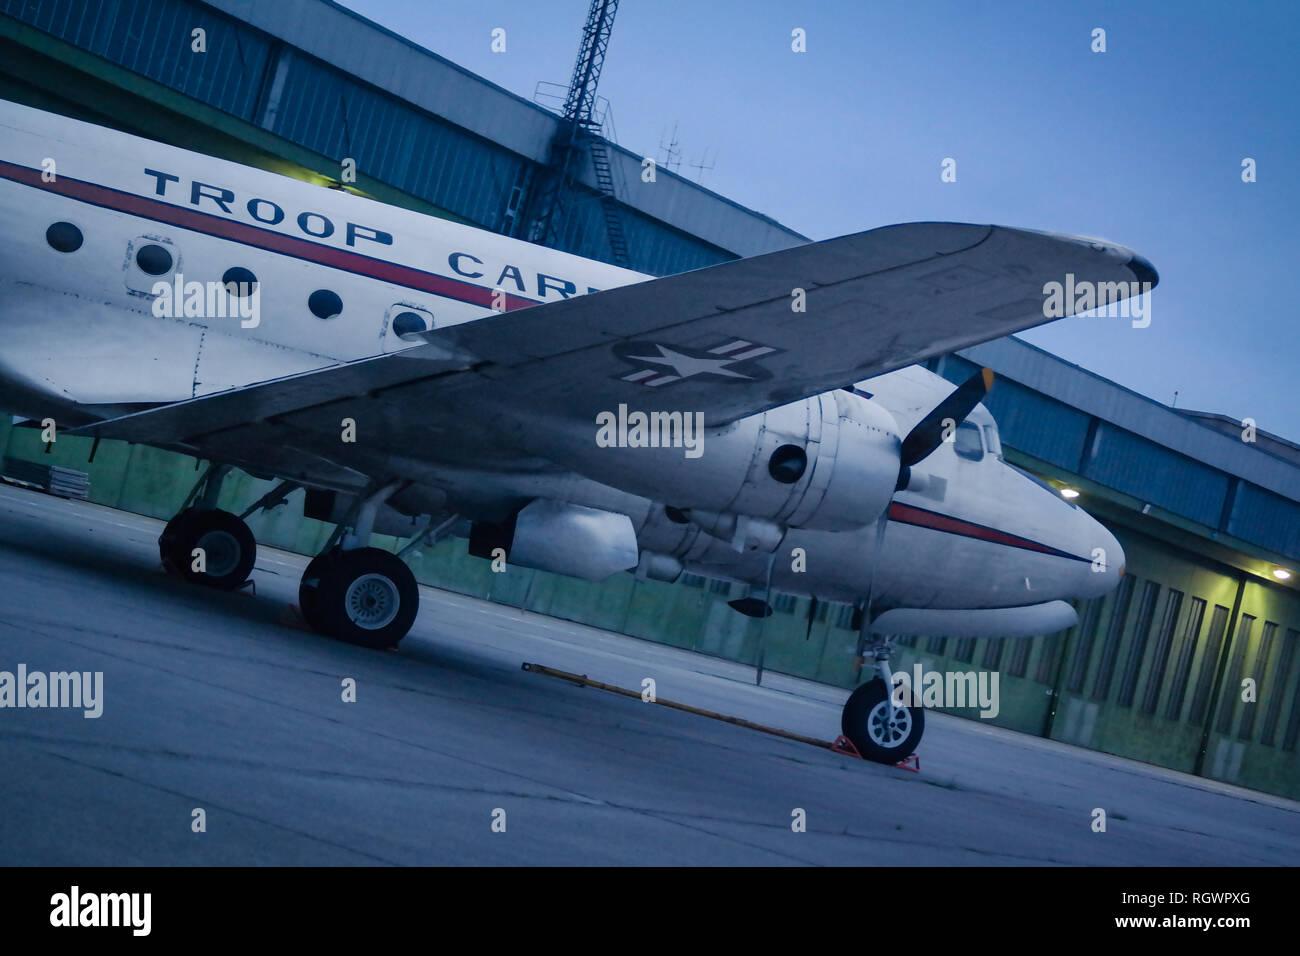 Berlin, Tempelhof, Flughafen - Stock Image